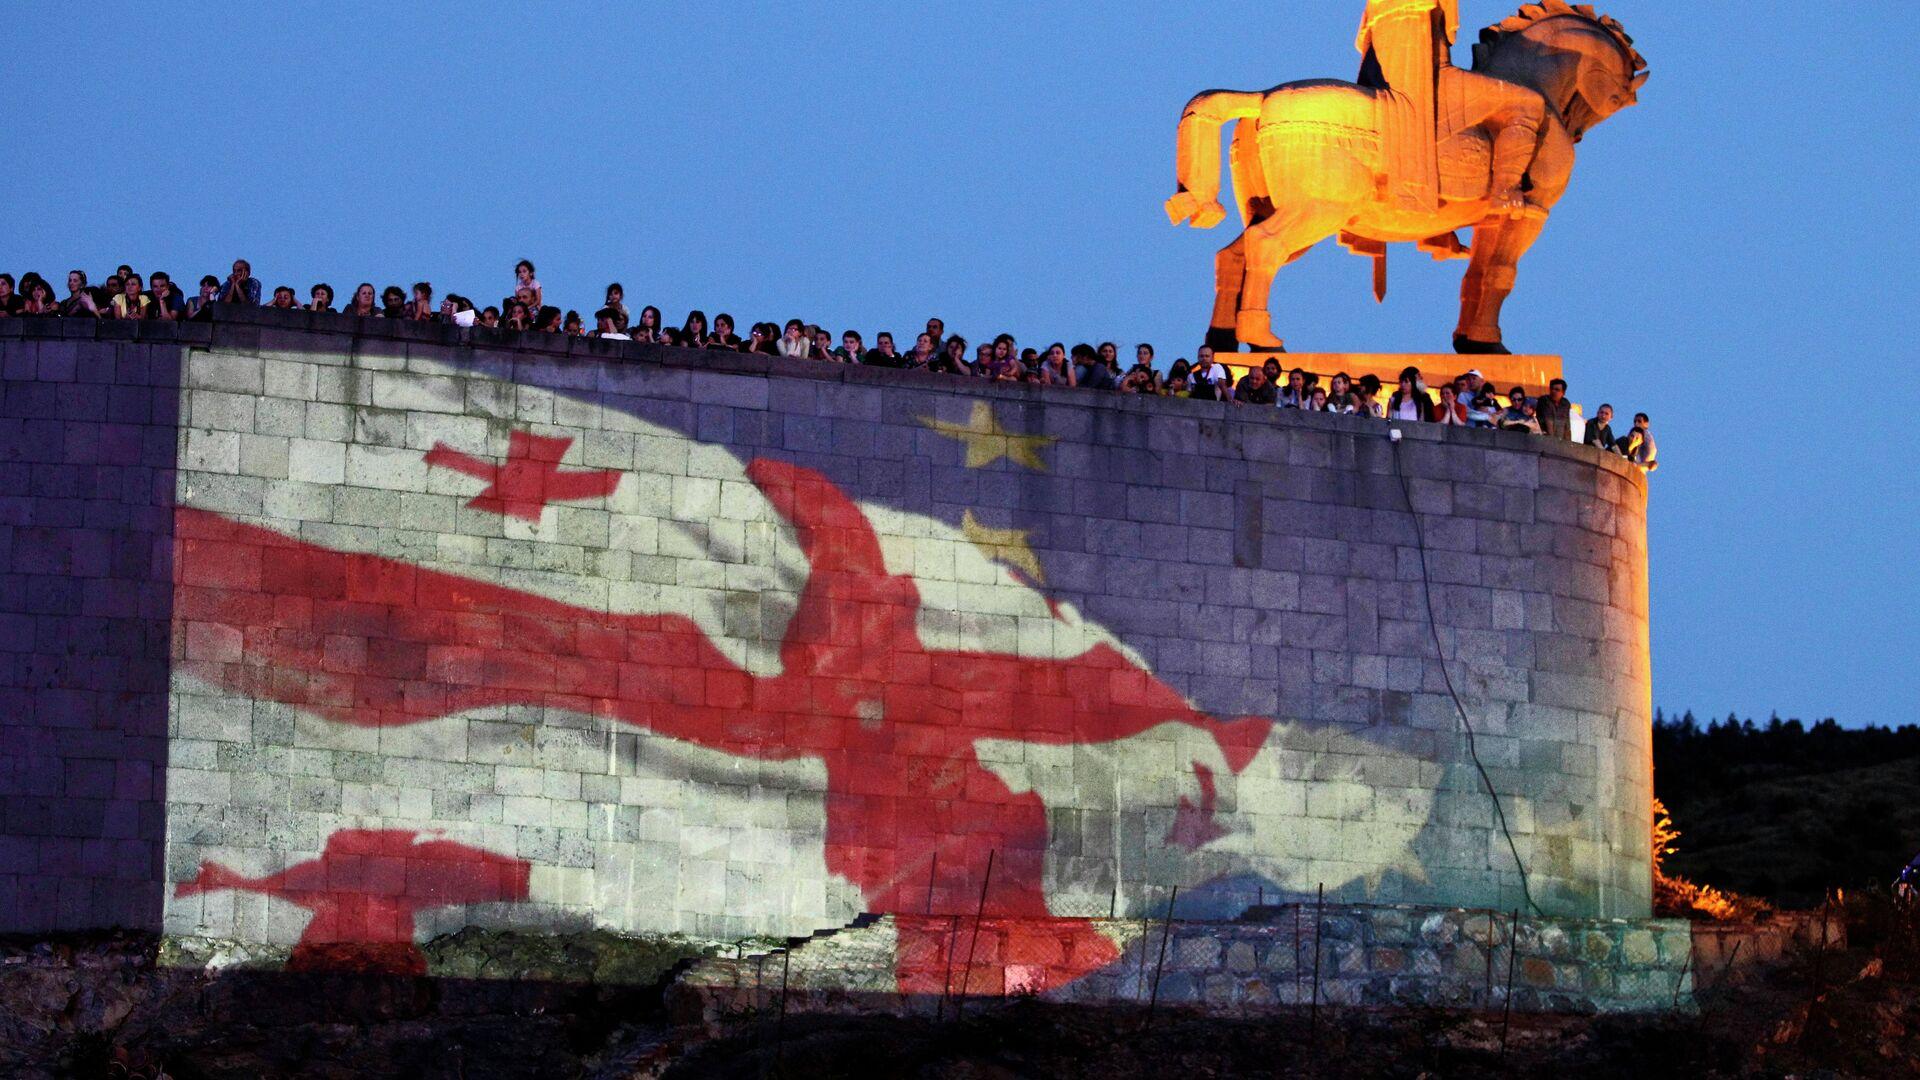 Заставе Грузије и ЕУ поред споменика Вахтангу I Горгасалу , краљу Иберије. - Sputnik Србија, 1920, 22.09.2021